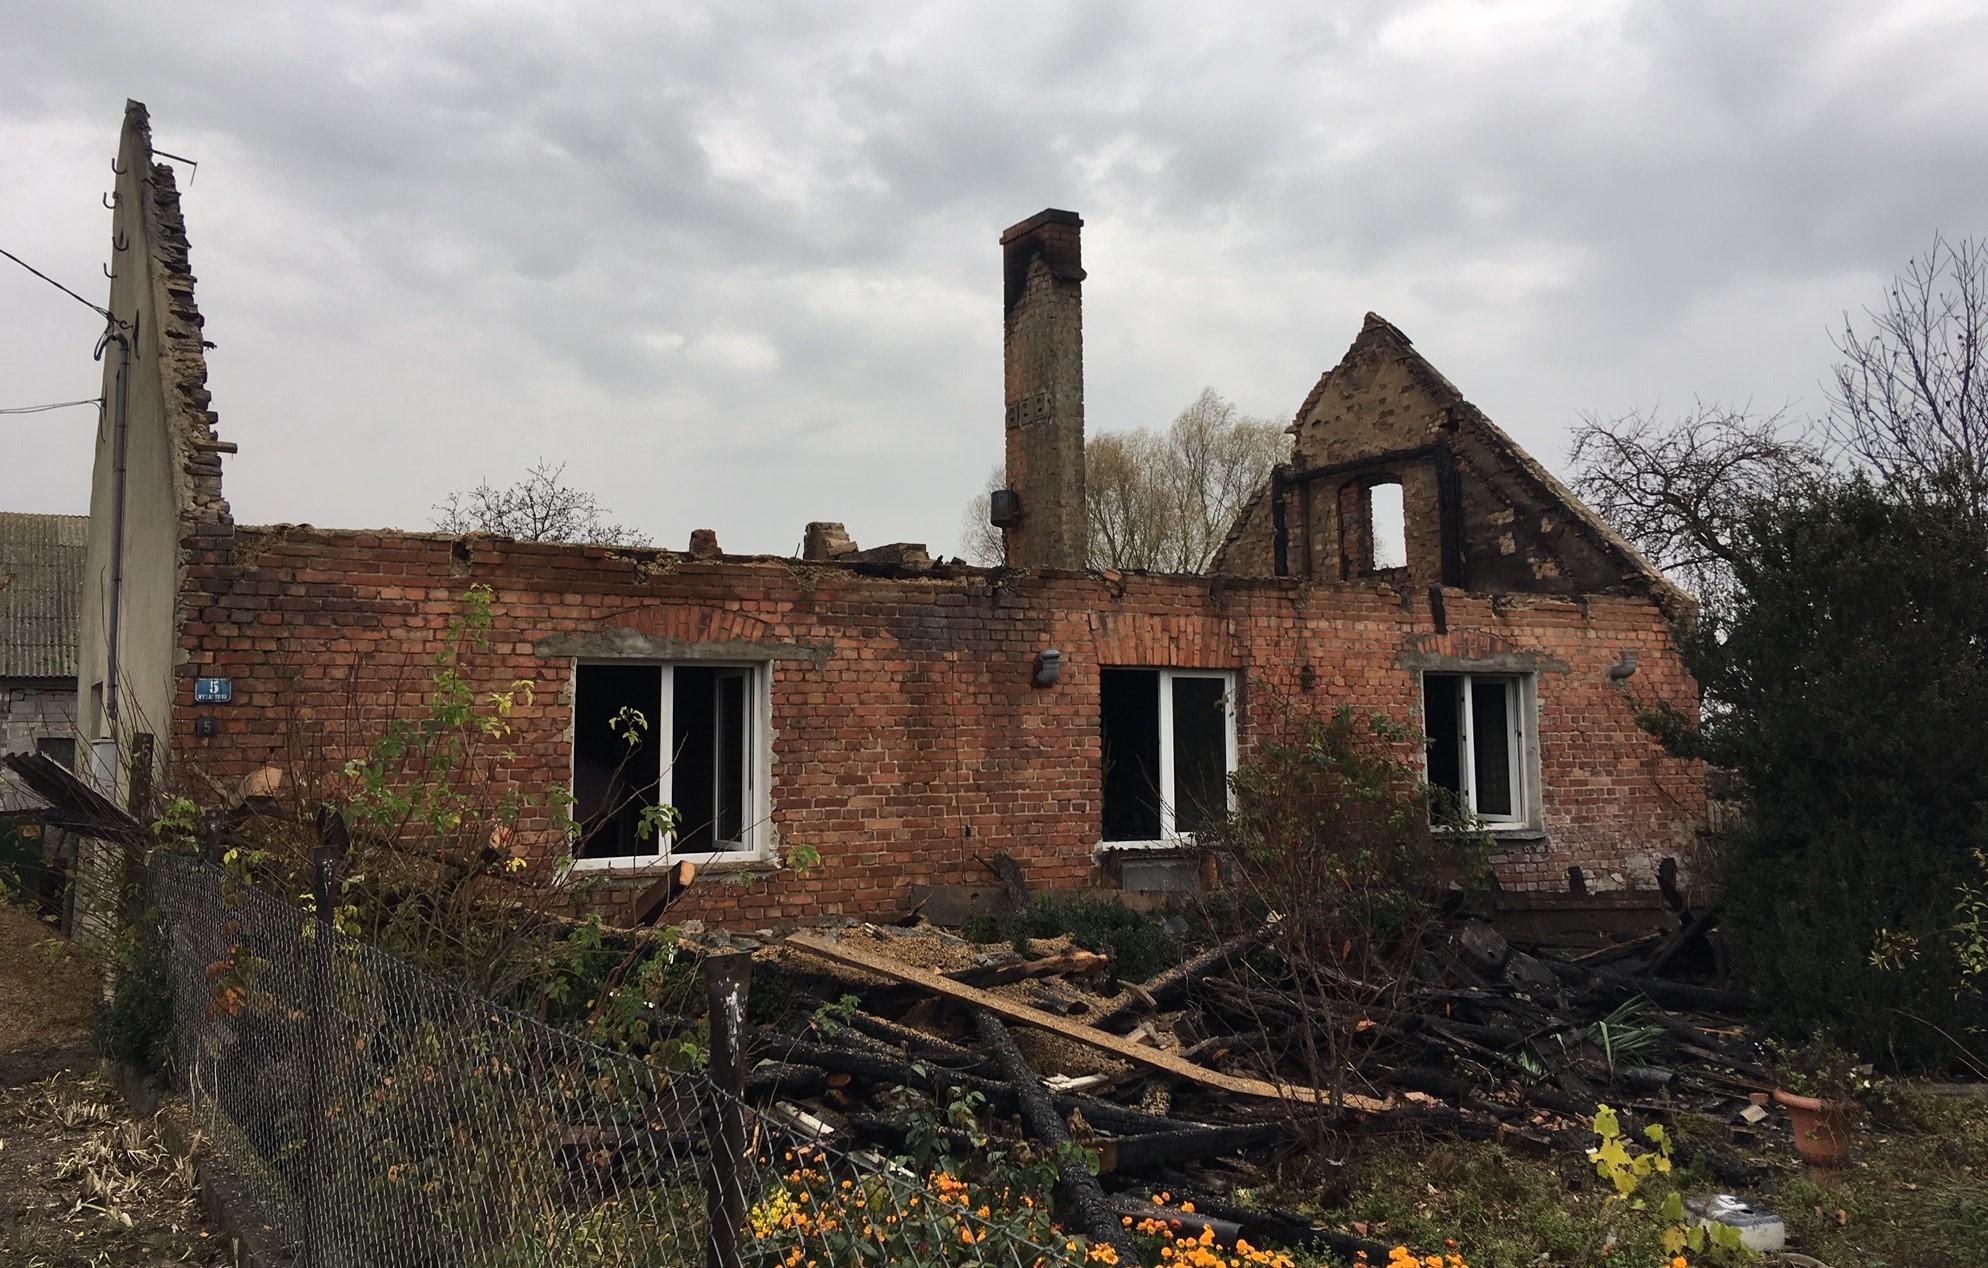 wydartowo trzemeszno rodzina straciła dach nad głową pożar - Rafał Muniak